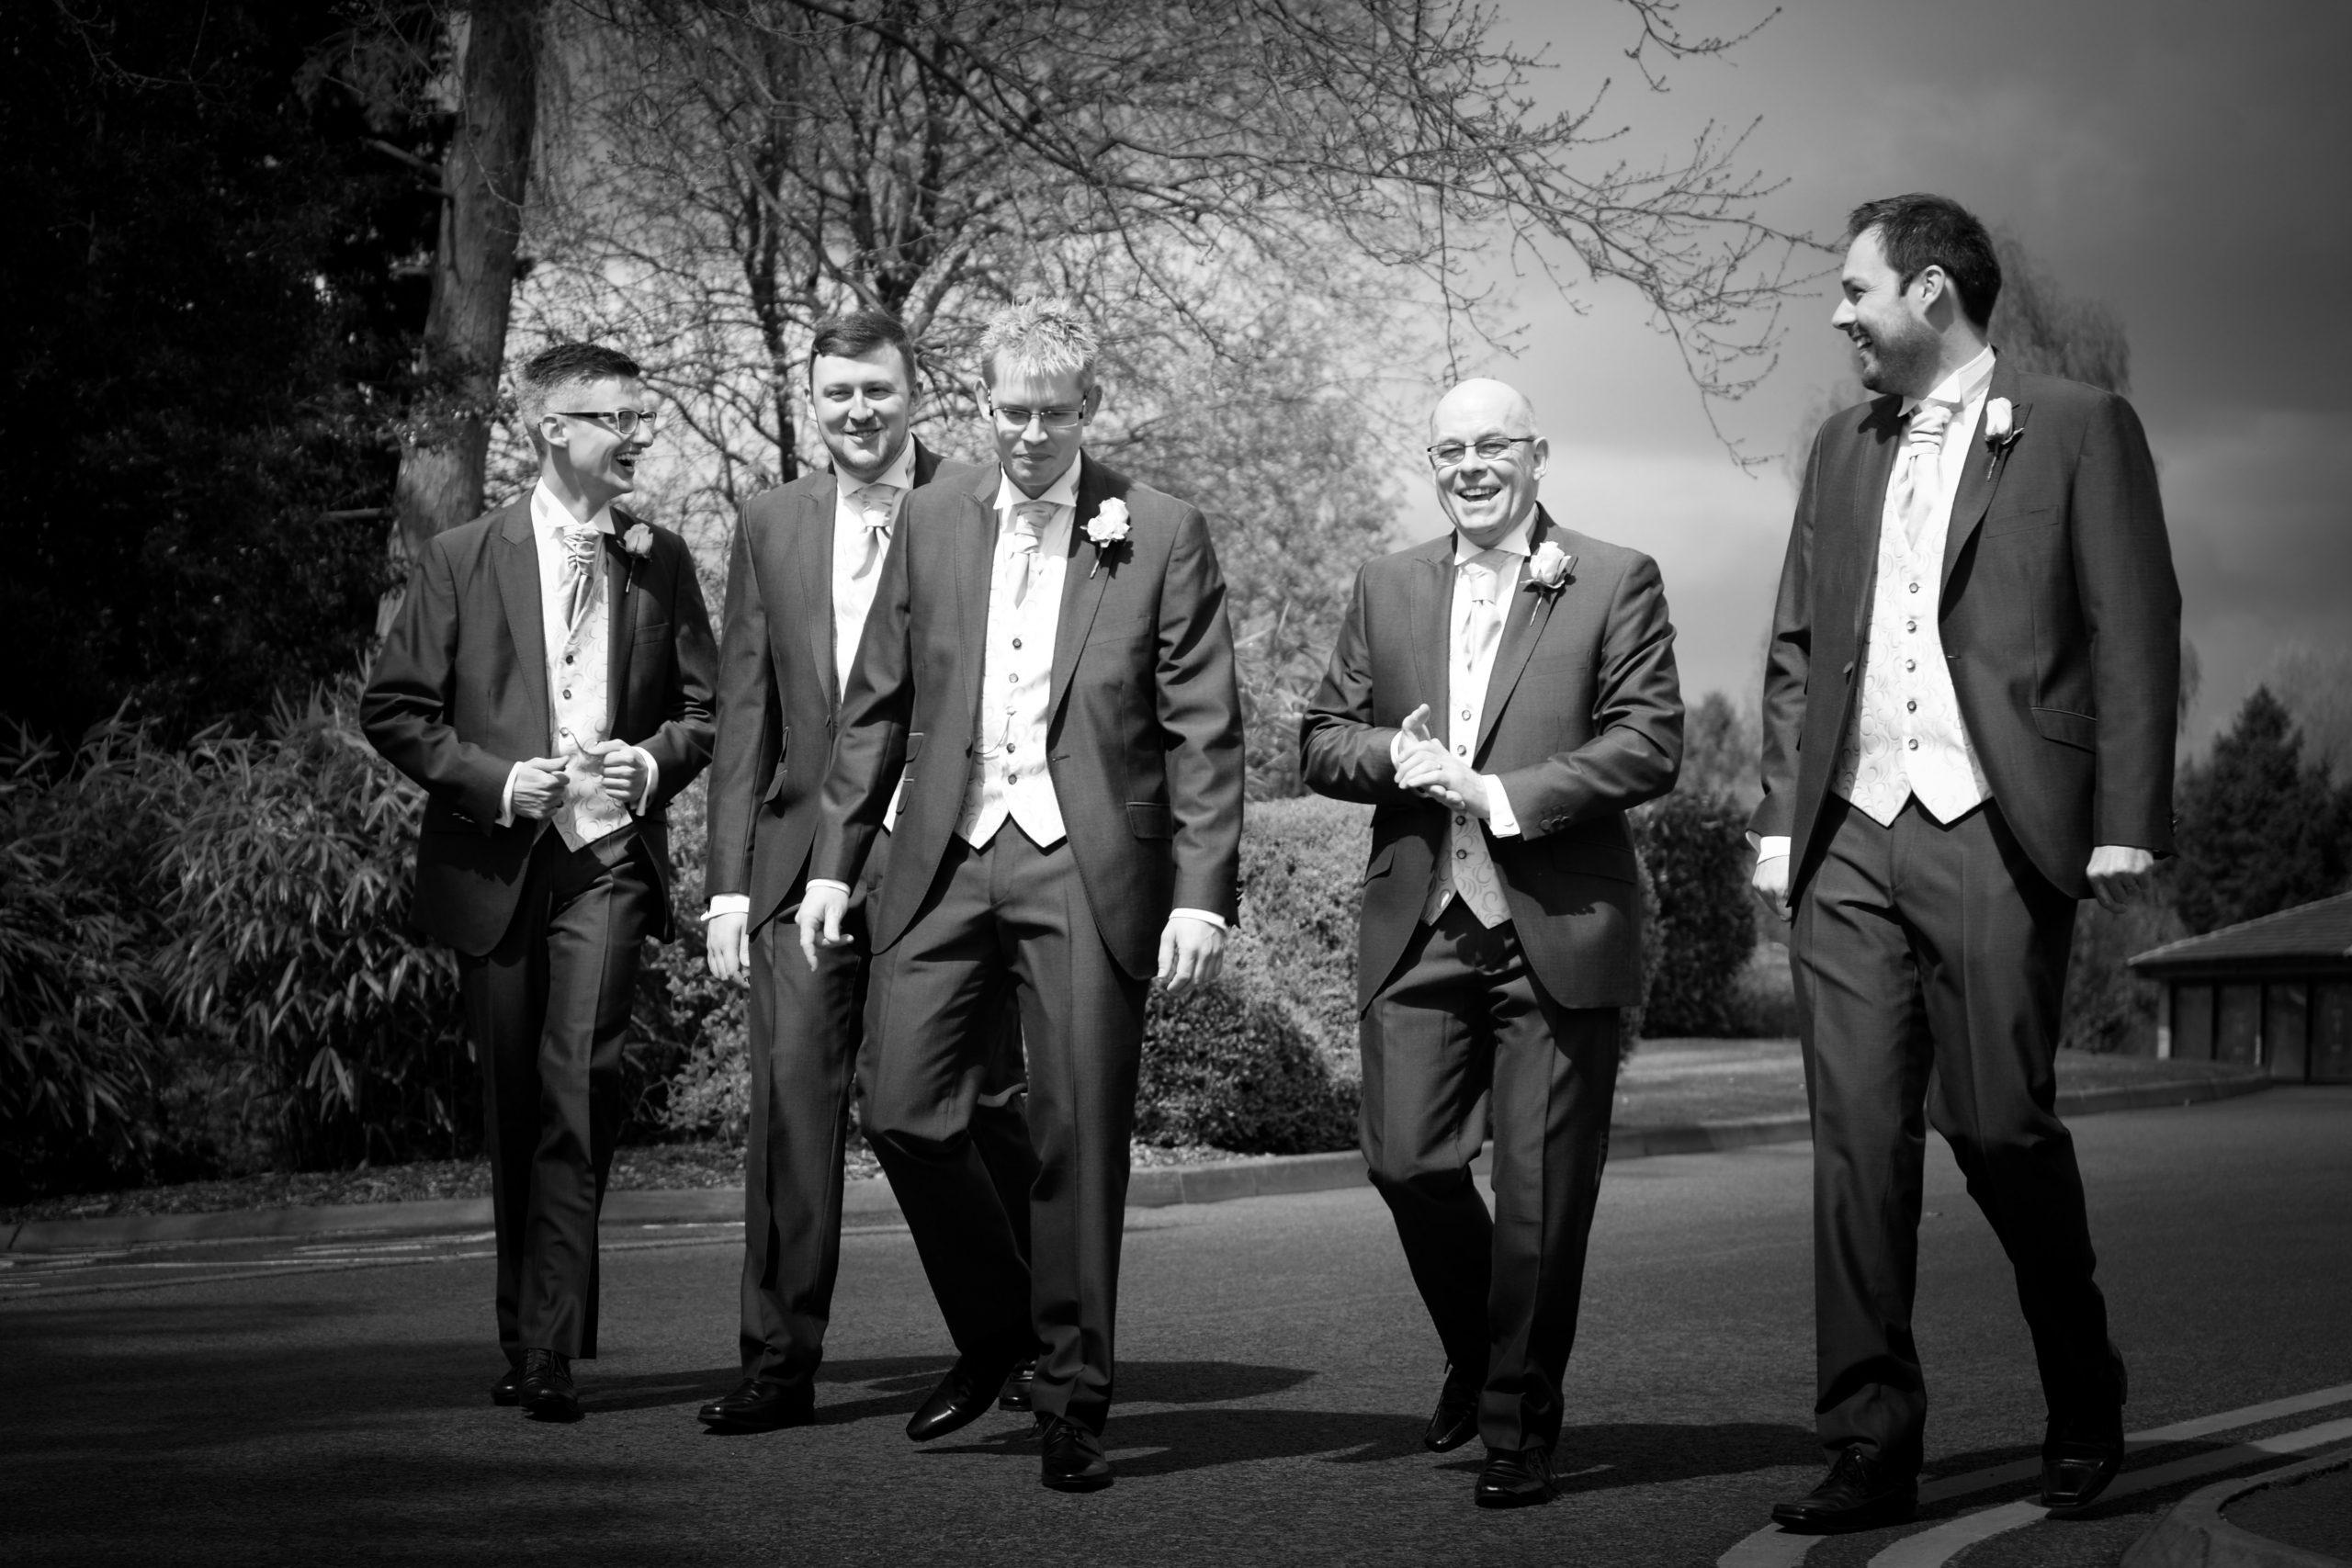 Barnsdale Hall Rutland Hall wedding photography